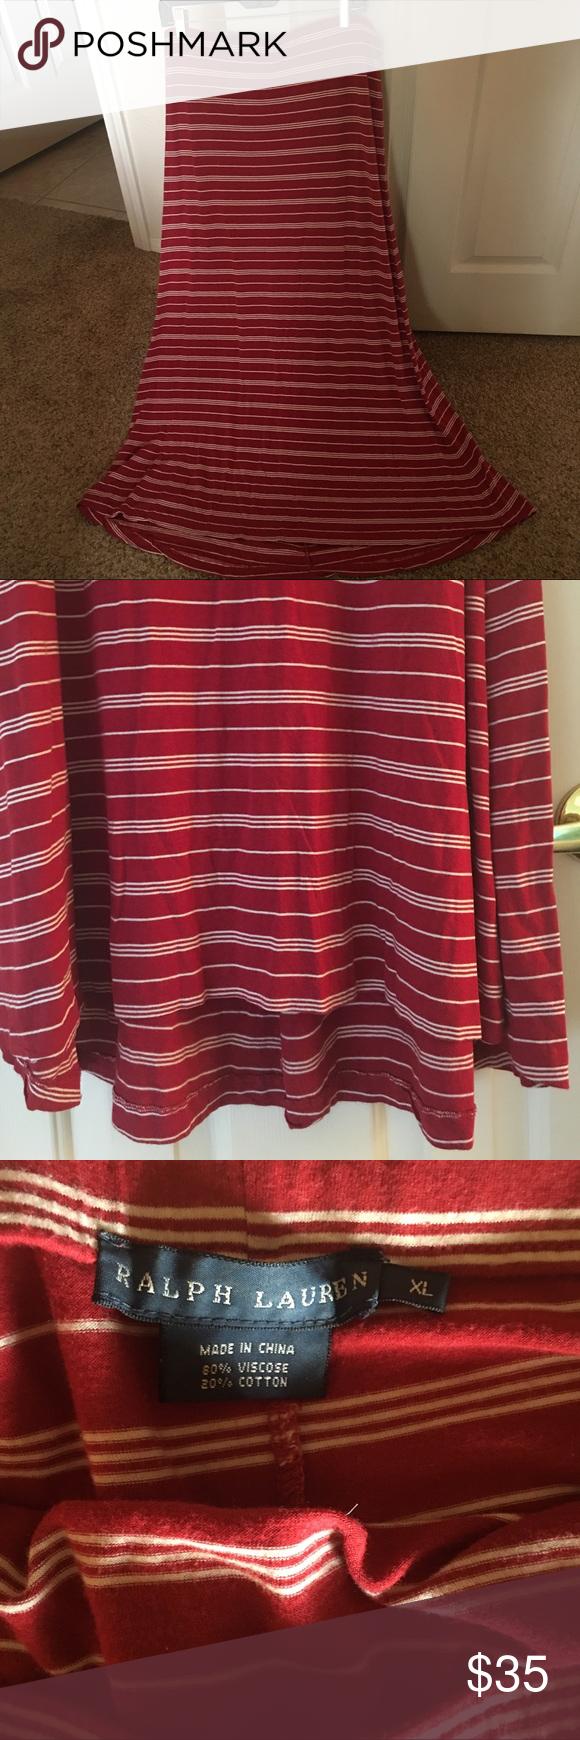 Ralph Lauren High Low Maxi Skirt Great condition maxi skirt Ralph Lauren Skirts Maxi